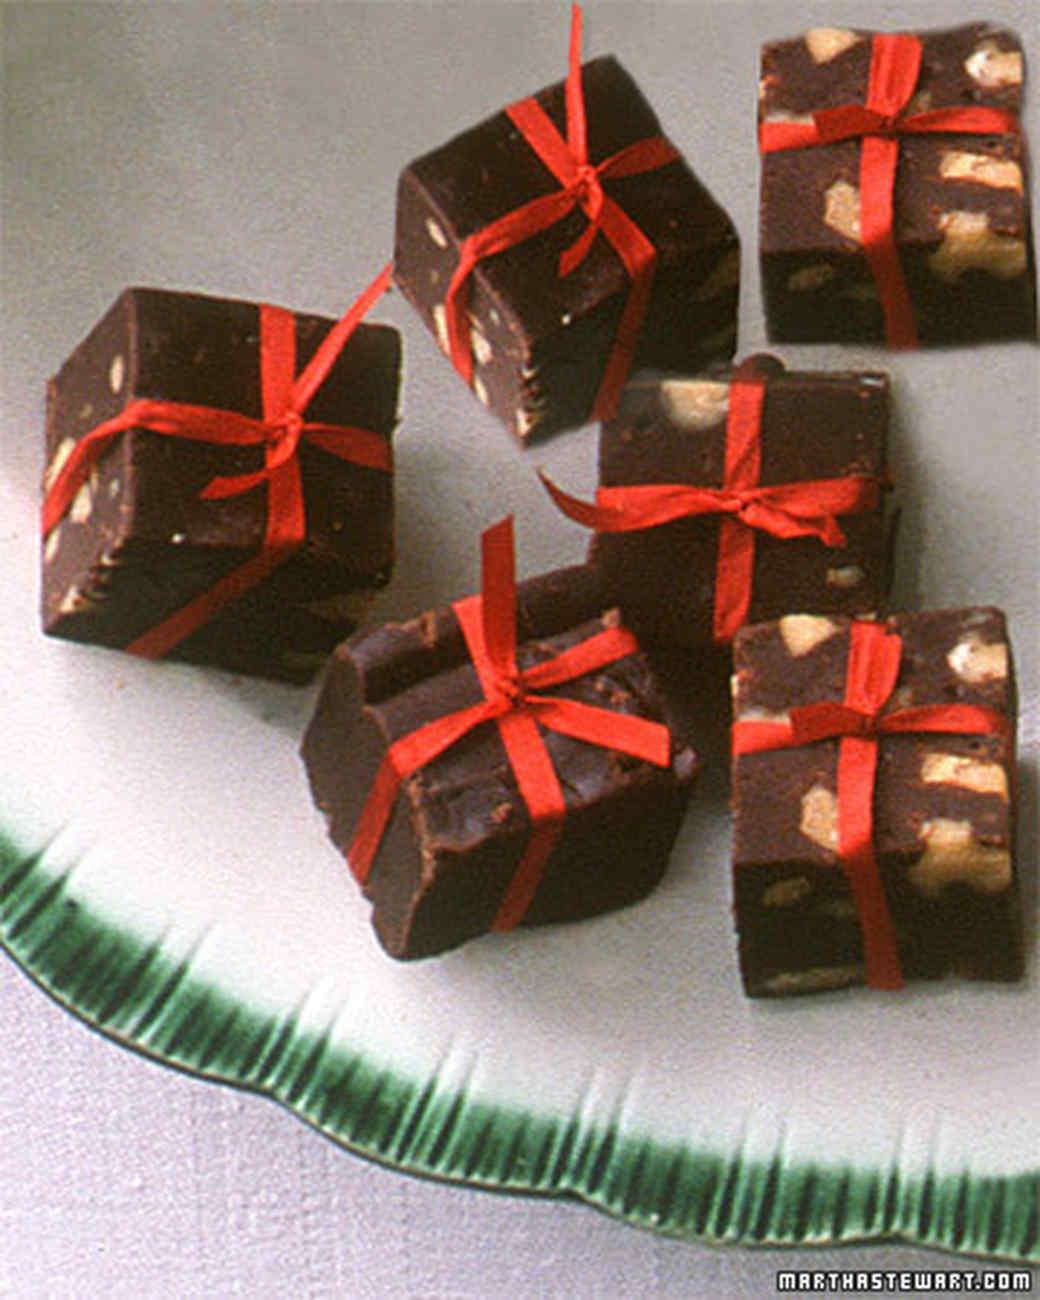 Chocolate Fudge Presents